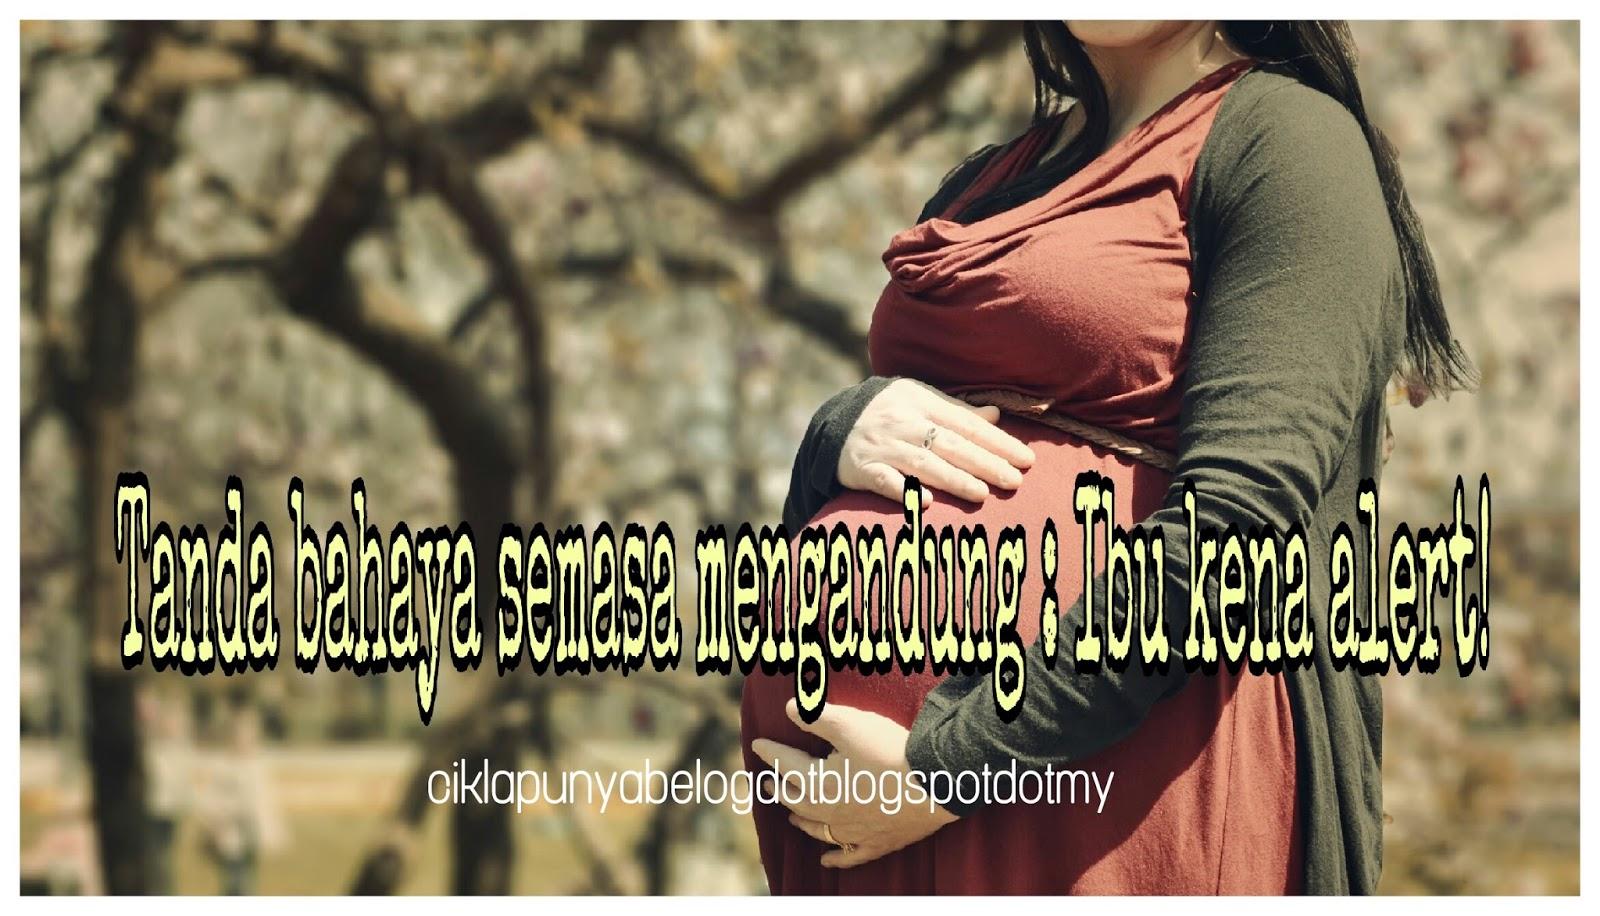 Tanda bahaya semasa mengandung : Ibu kena alert!